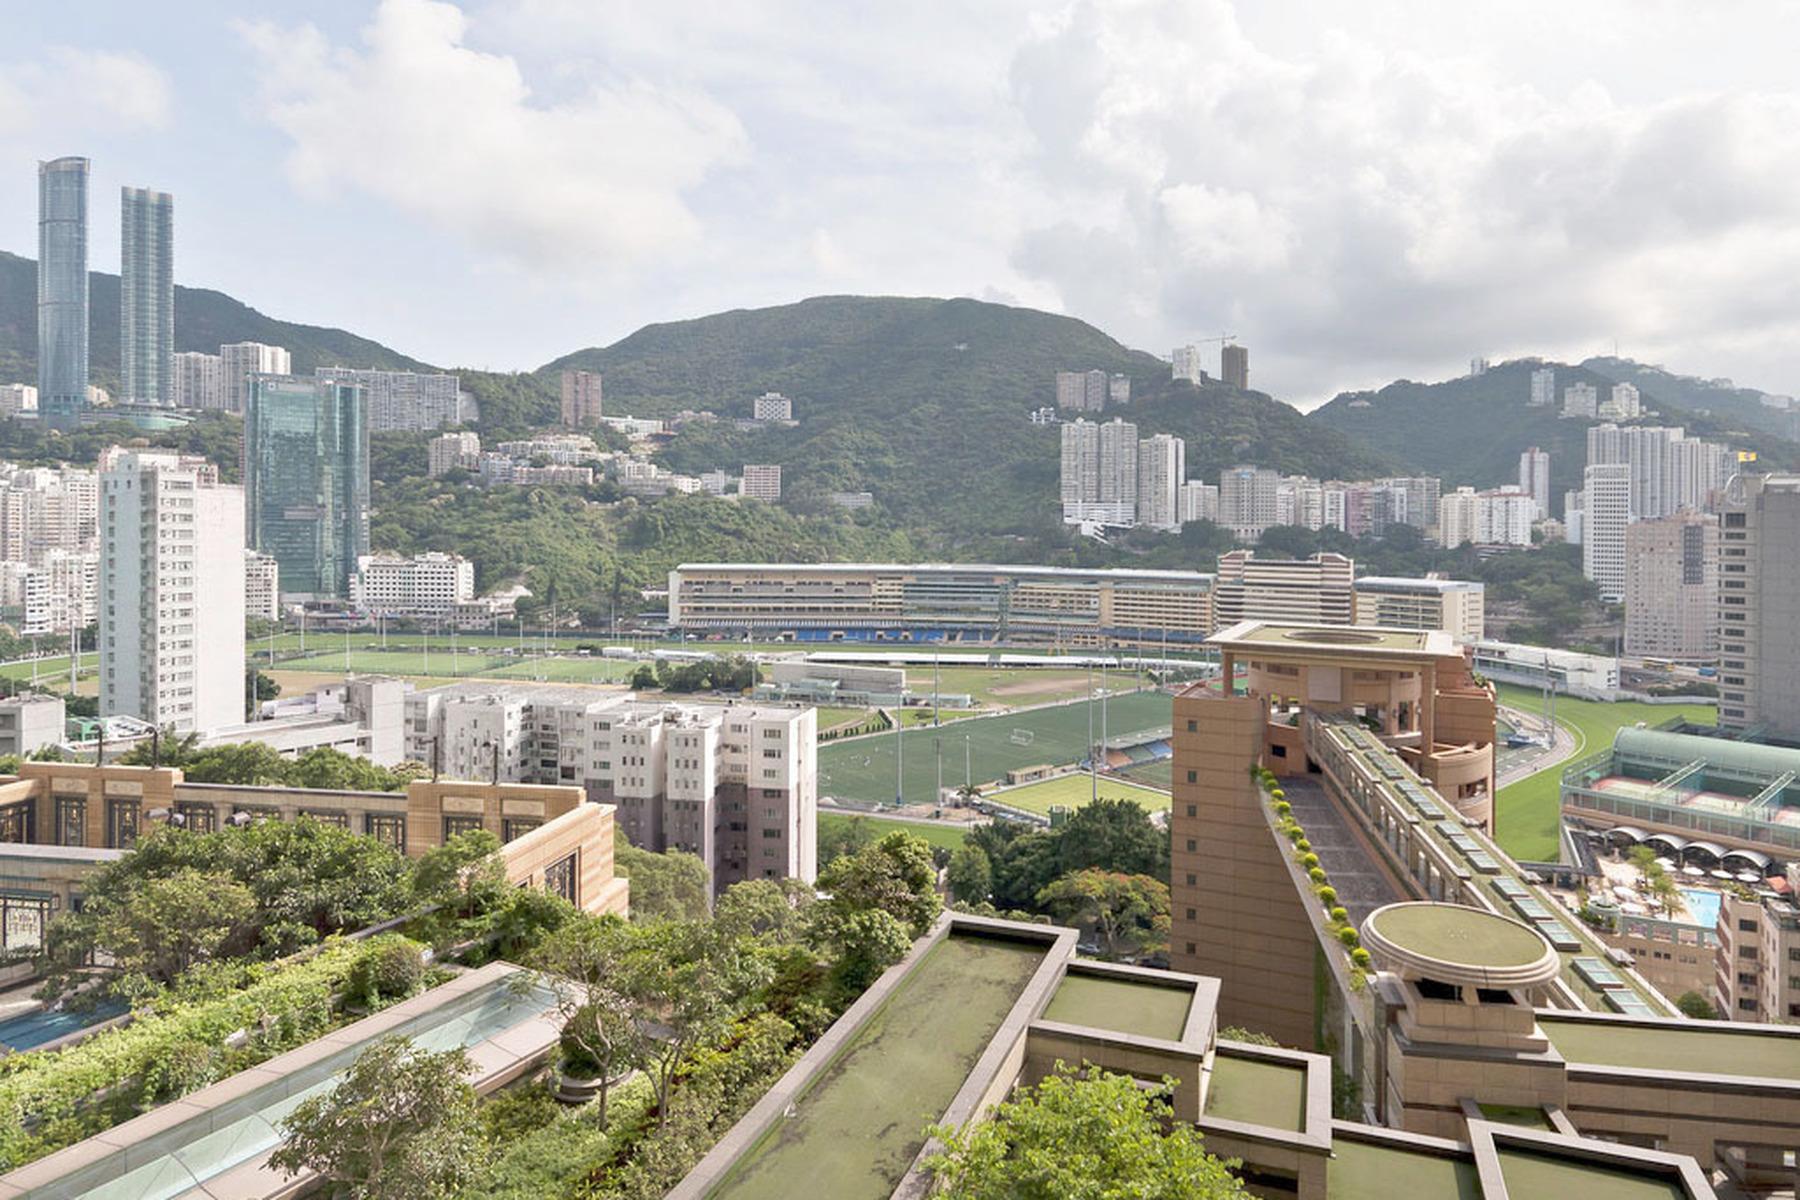 Appartamento per Vendita alle ore The Leighton Hill - Block 05 Happy Valley, Hong Kong